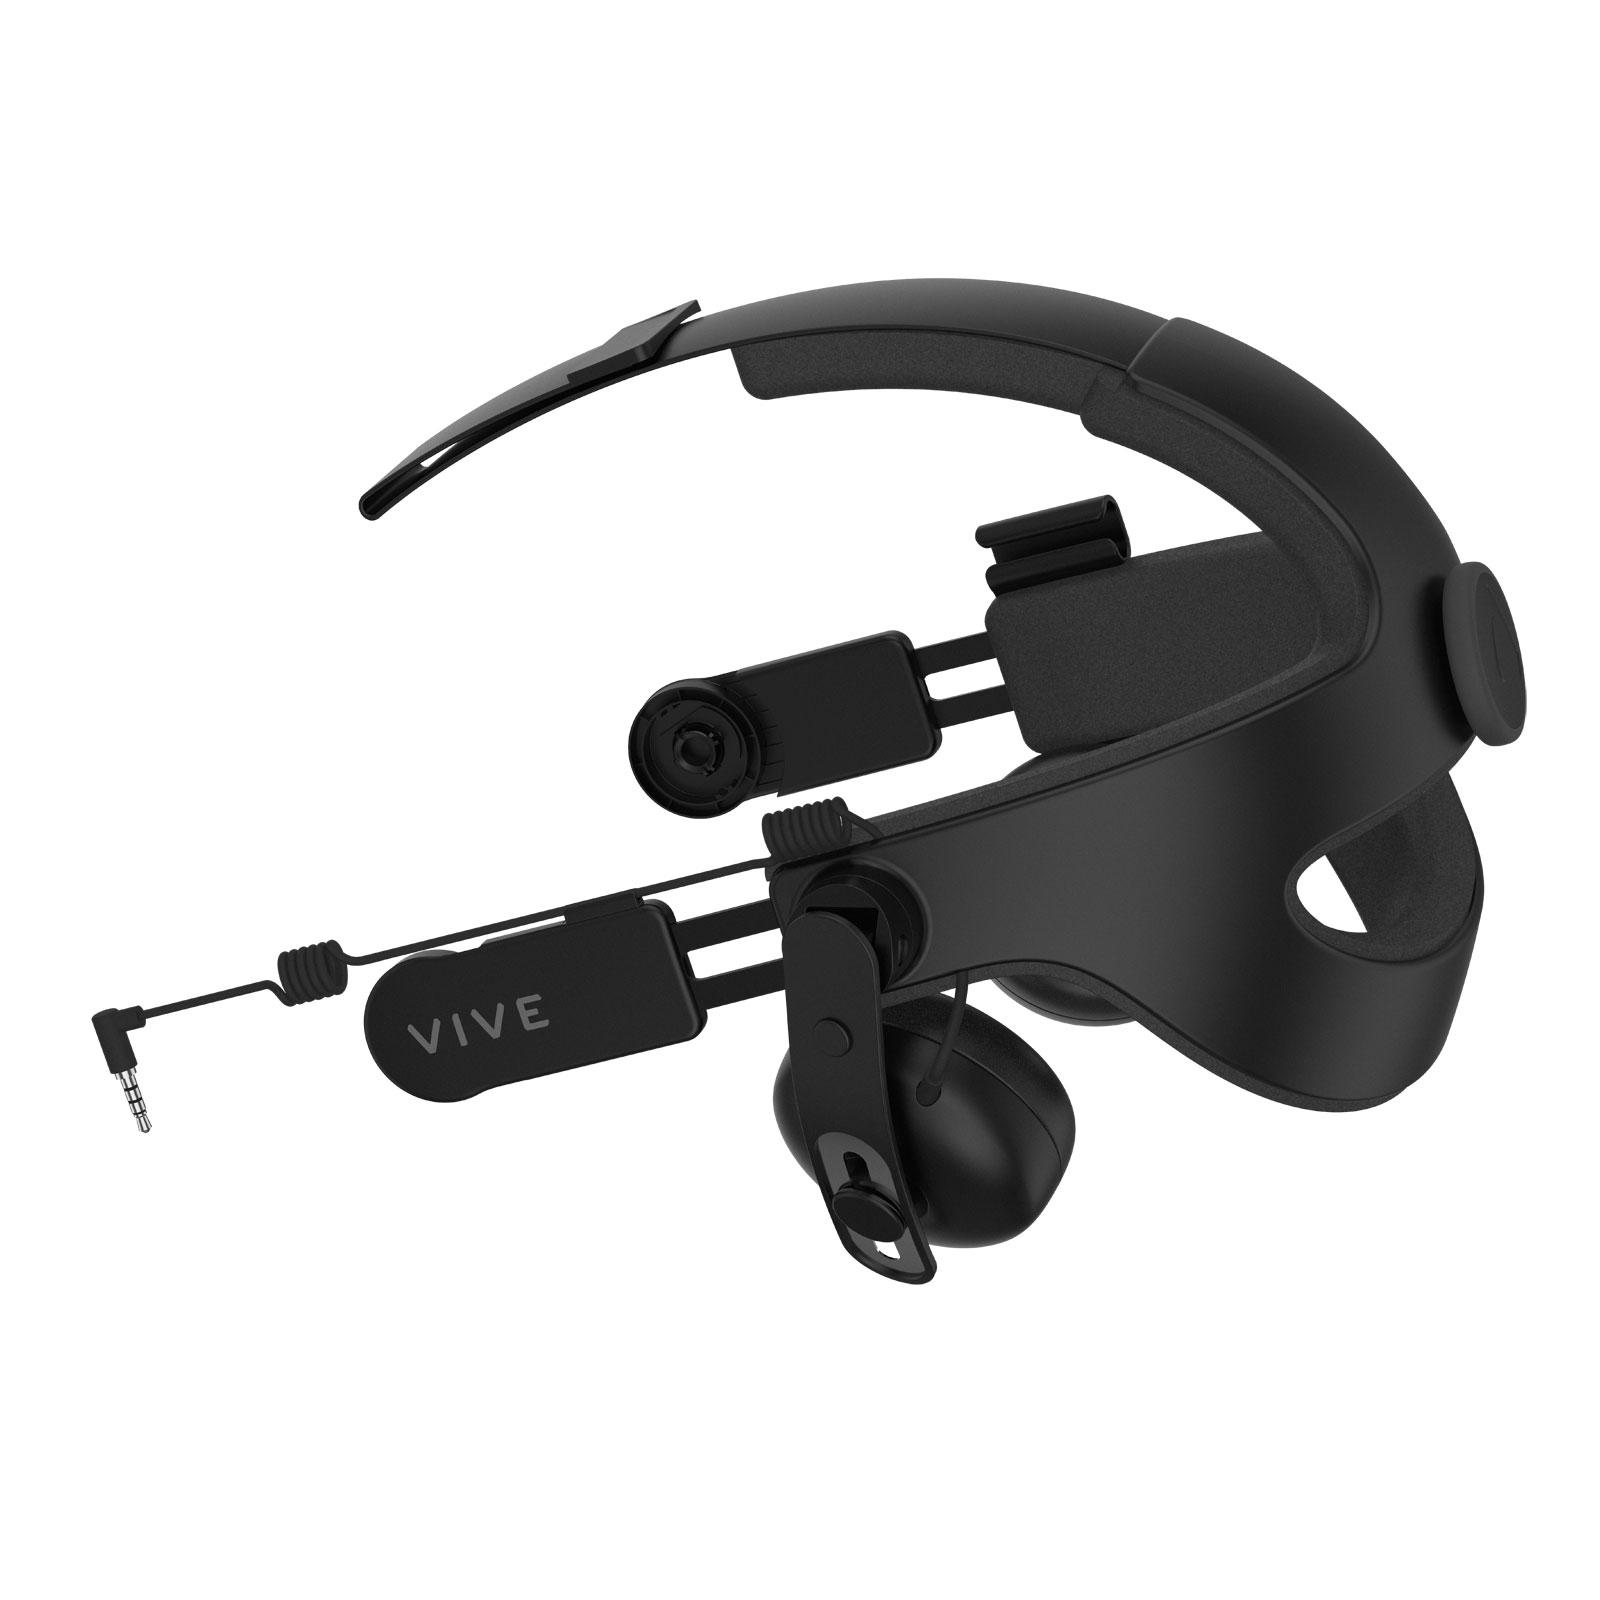 Casque Réalité Virtuelle HTC Deluxe Audio HeadStrap Serre-tête avec casque audio intégré pour HTC Vive